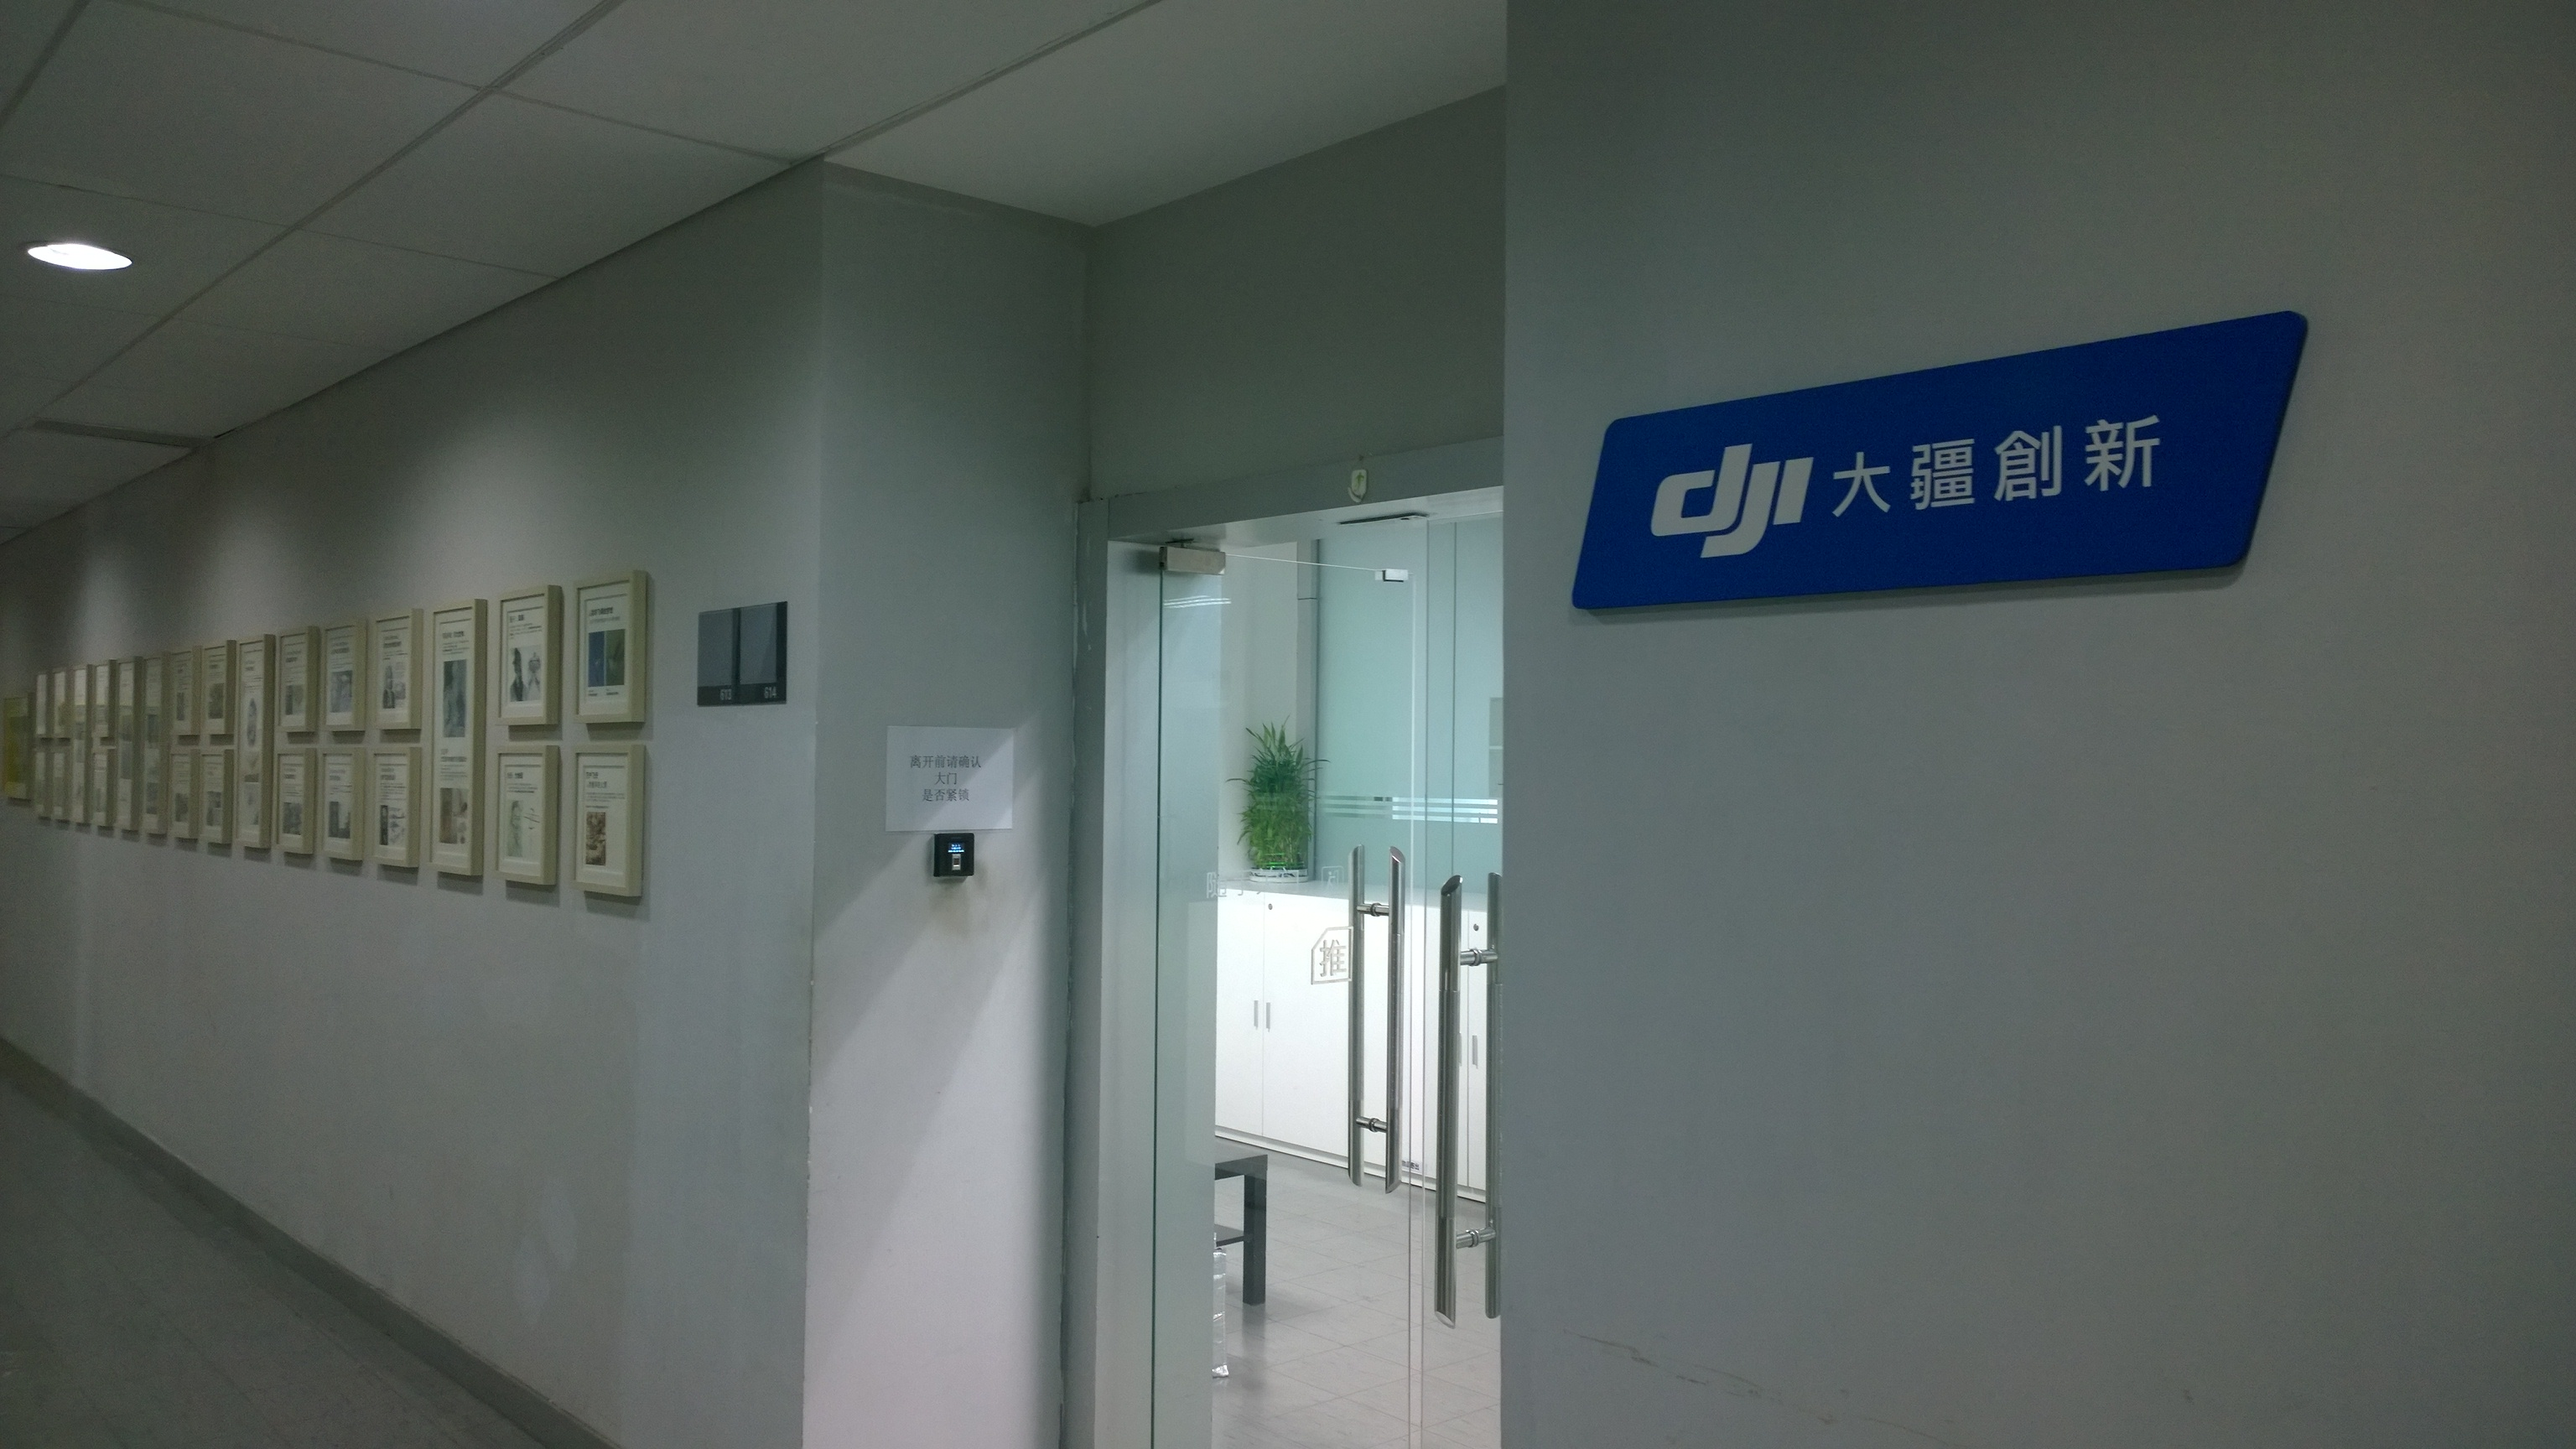 DJI售后技术支持部